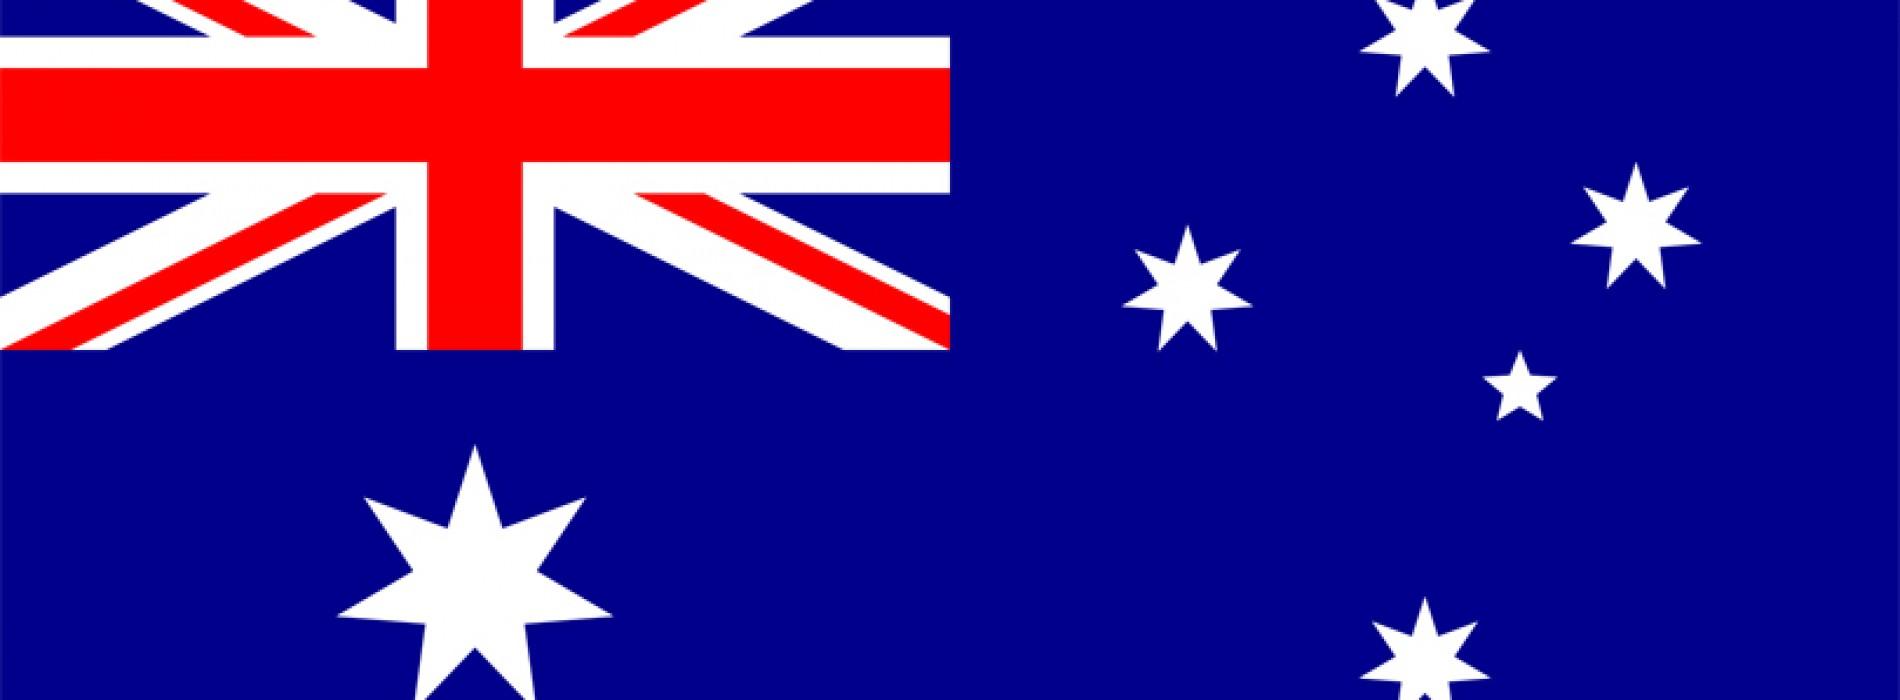 Australia VisaAustralia Visa.